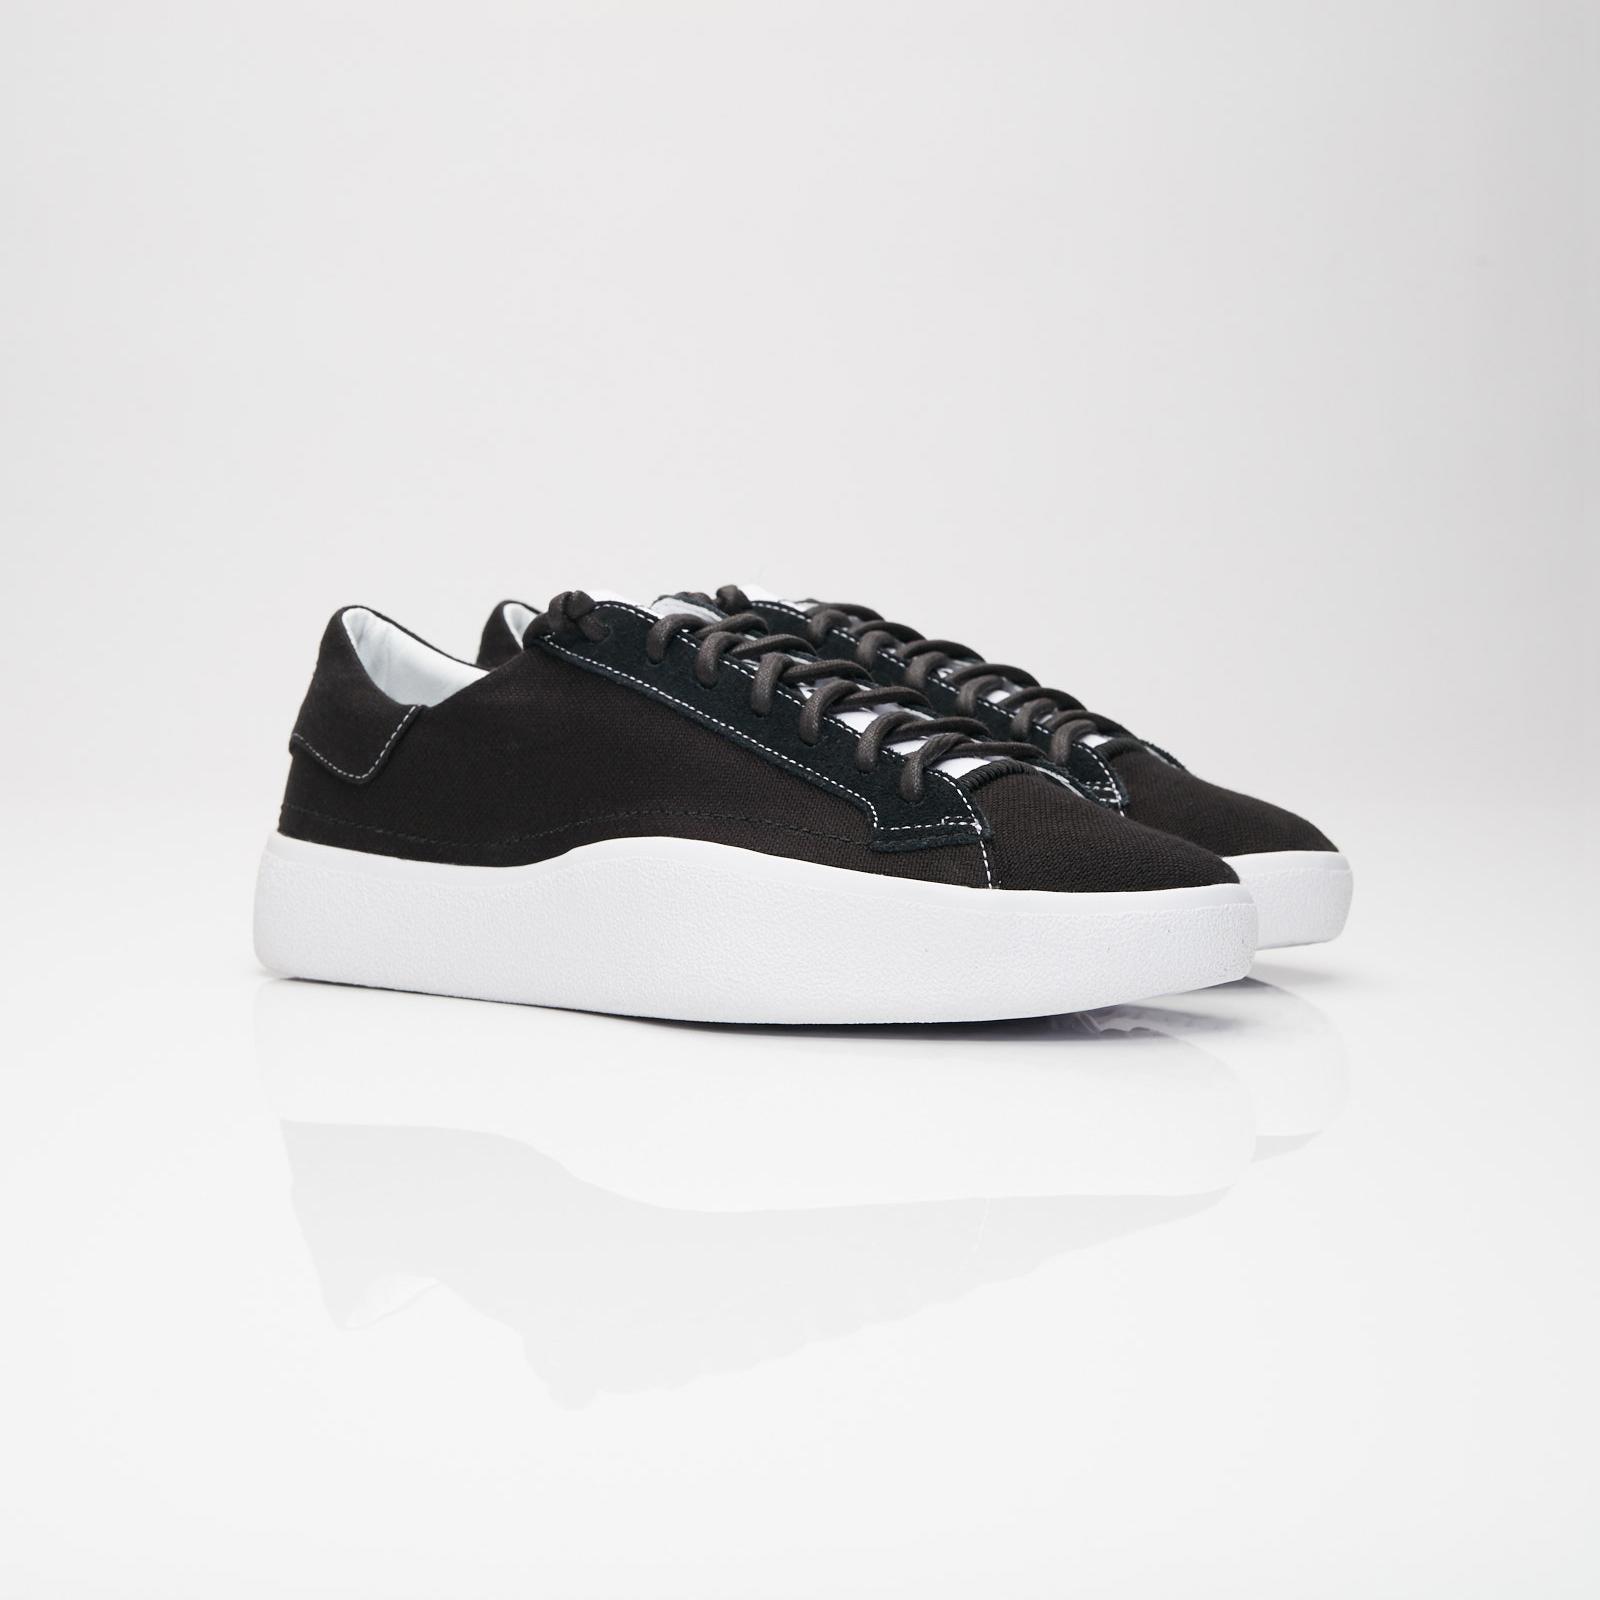 adidas Y 3 Tangutsu Lace Bb7989 Sneakersnstuff